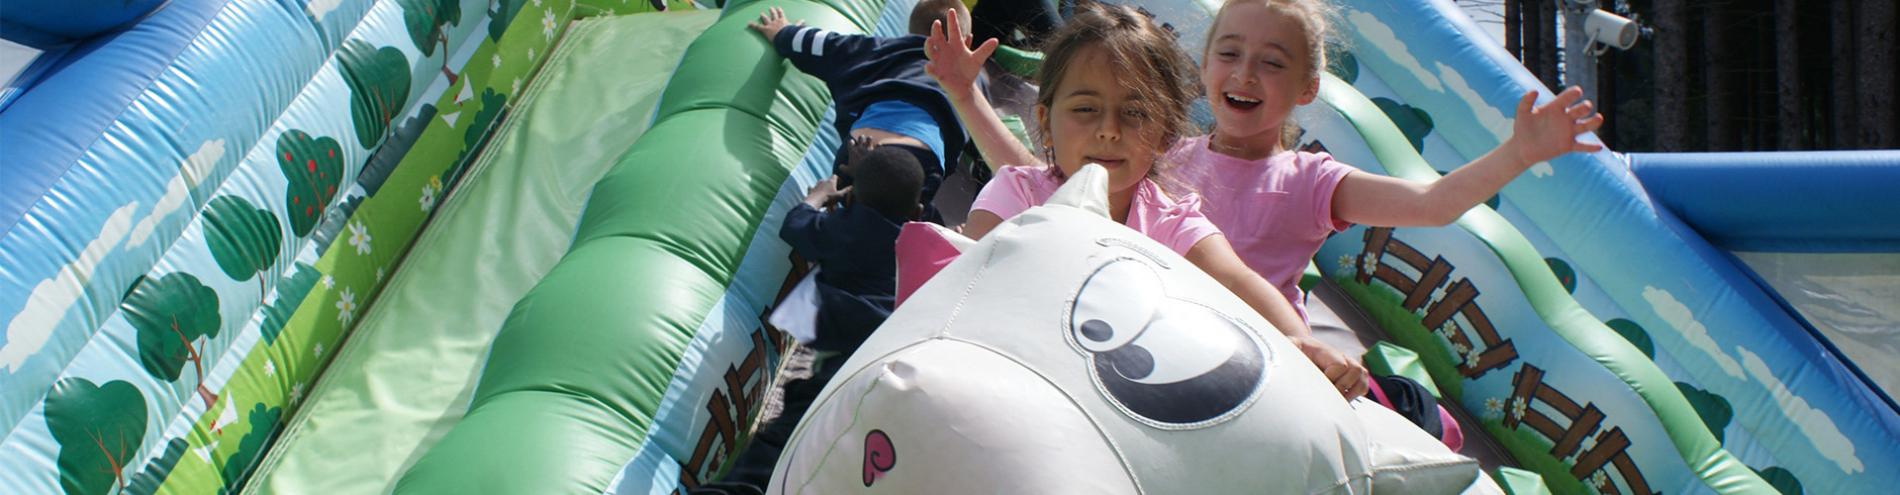 Woka loisirs - Activités Terrestres > Espace enfants